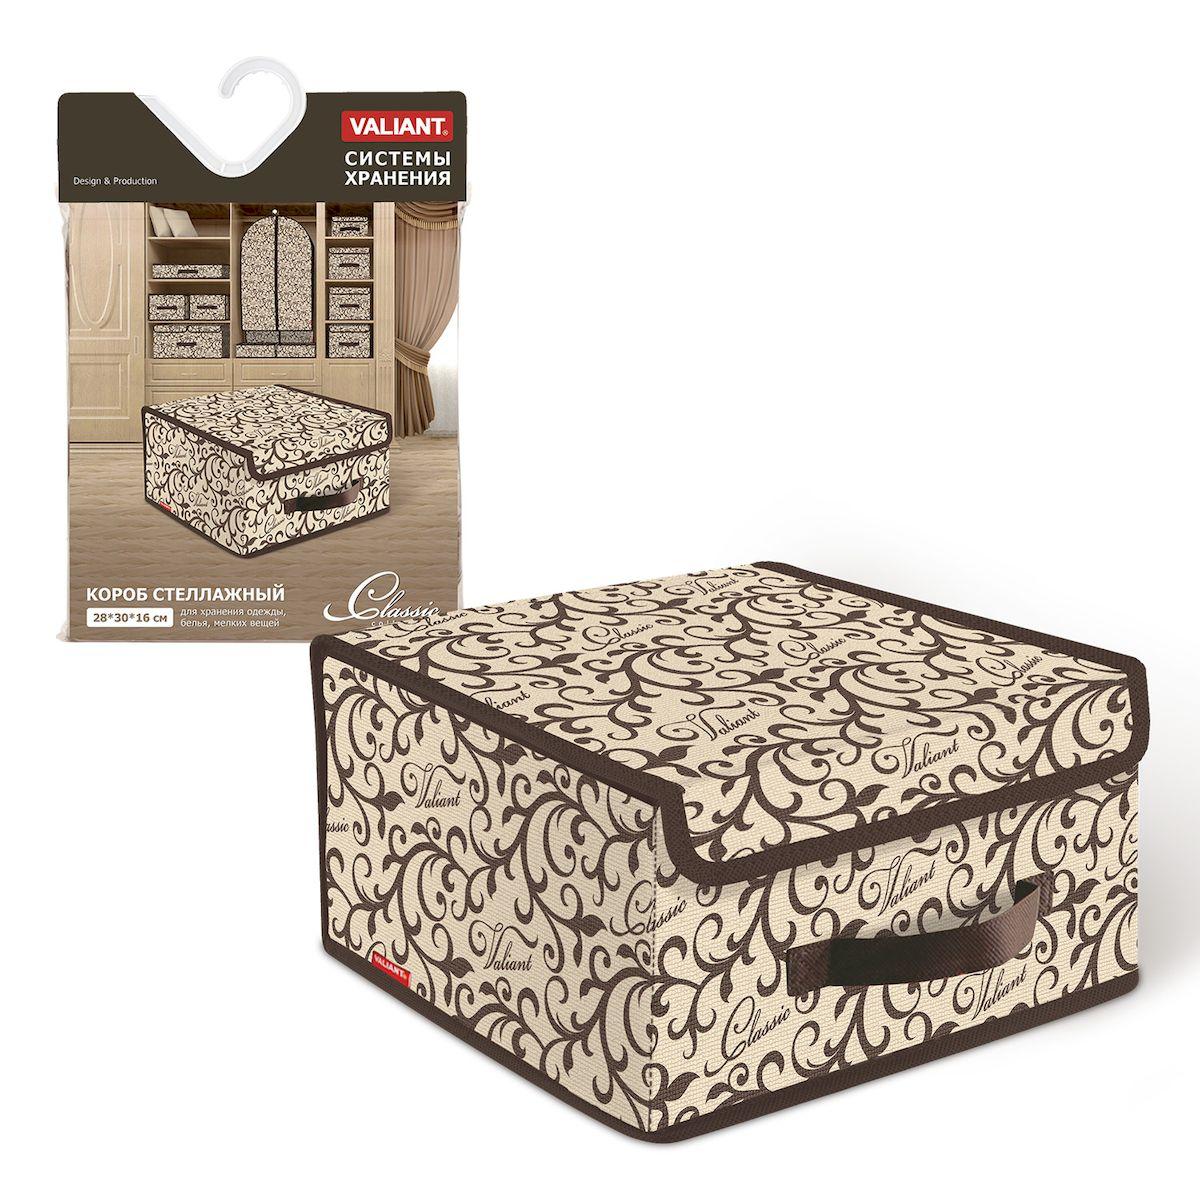 Короб стеллажный Valiant Classic, с крышкой, 28 х 30 х 16 смCL-BOX-LSСтеллажный короб Valiant Classic изготовлен из высококачественного нетканого материала, который обеспечивает естественную вентиляцию, позволяя воздуху проникать внутрь, но не пропускает пыль. Вставки из плотного картона хорошо держат форму. Короб снабжен специальной крышкой, которая фиксируется с помощью магнитов. Изделие отличается мобильностью: легко раскладывается и складывается. В таком коробе удобно хранить одежду, белье и мелкие аксессуары. Оригинальный дизайн Classic погружает в романтическую атмосферу. Система хранения в едином дизайне станет стильным акцентом в современном гардеробе.